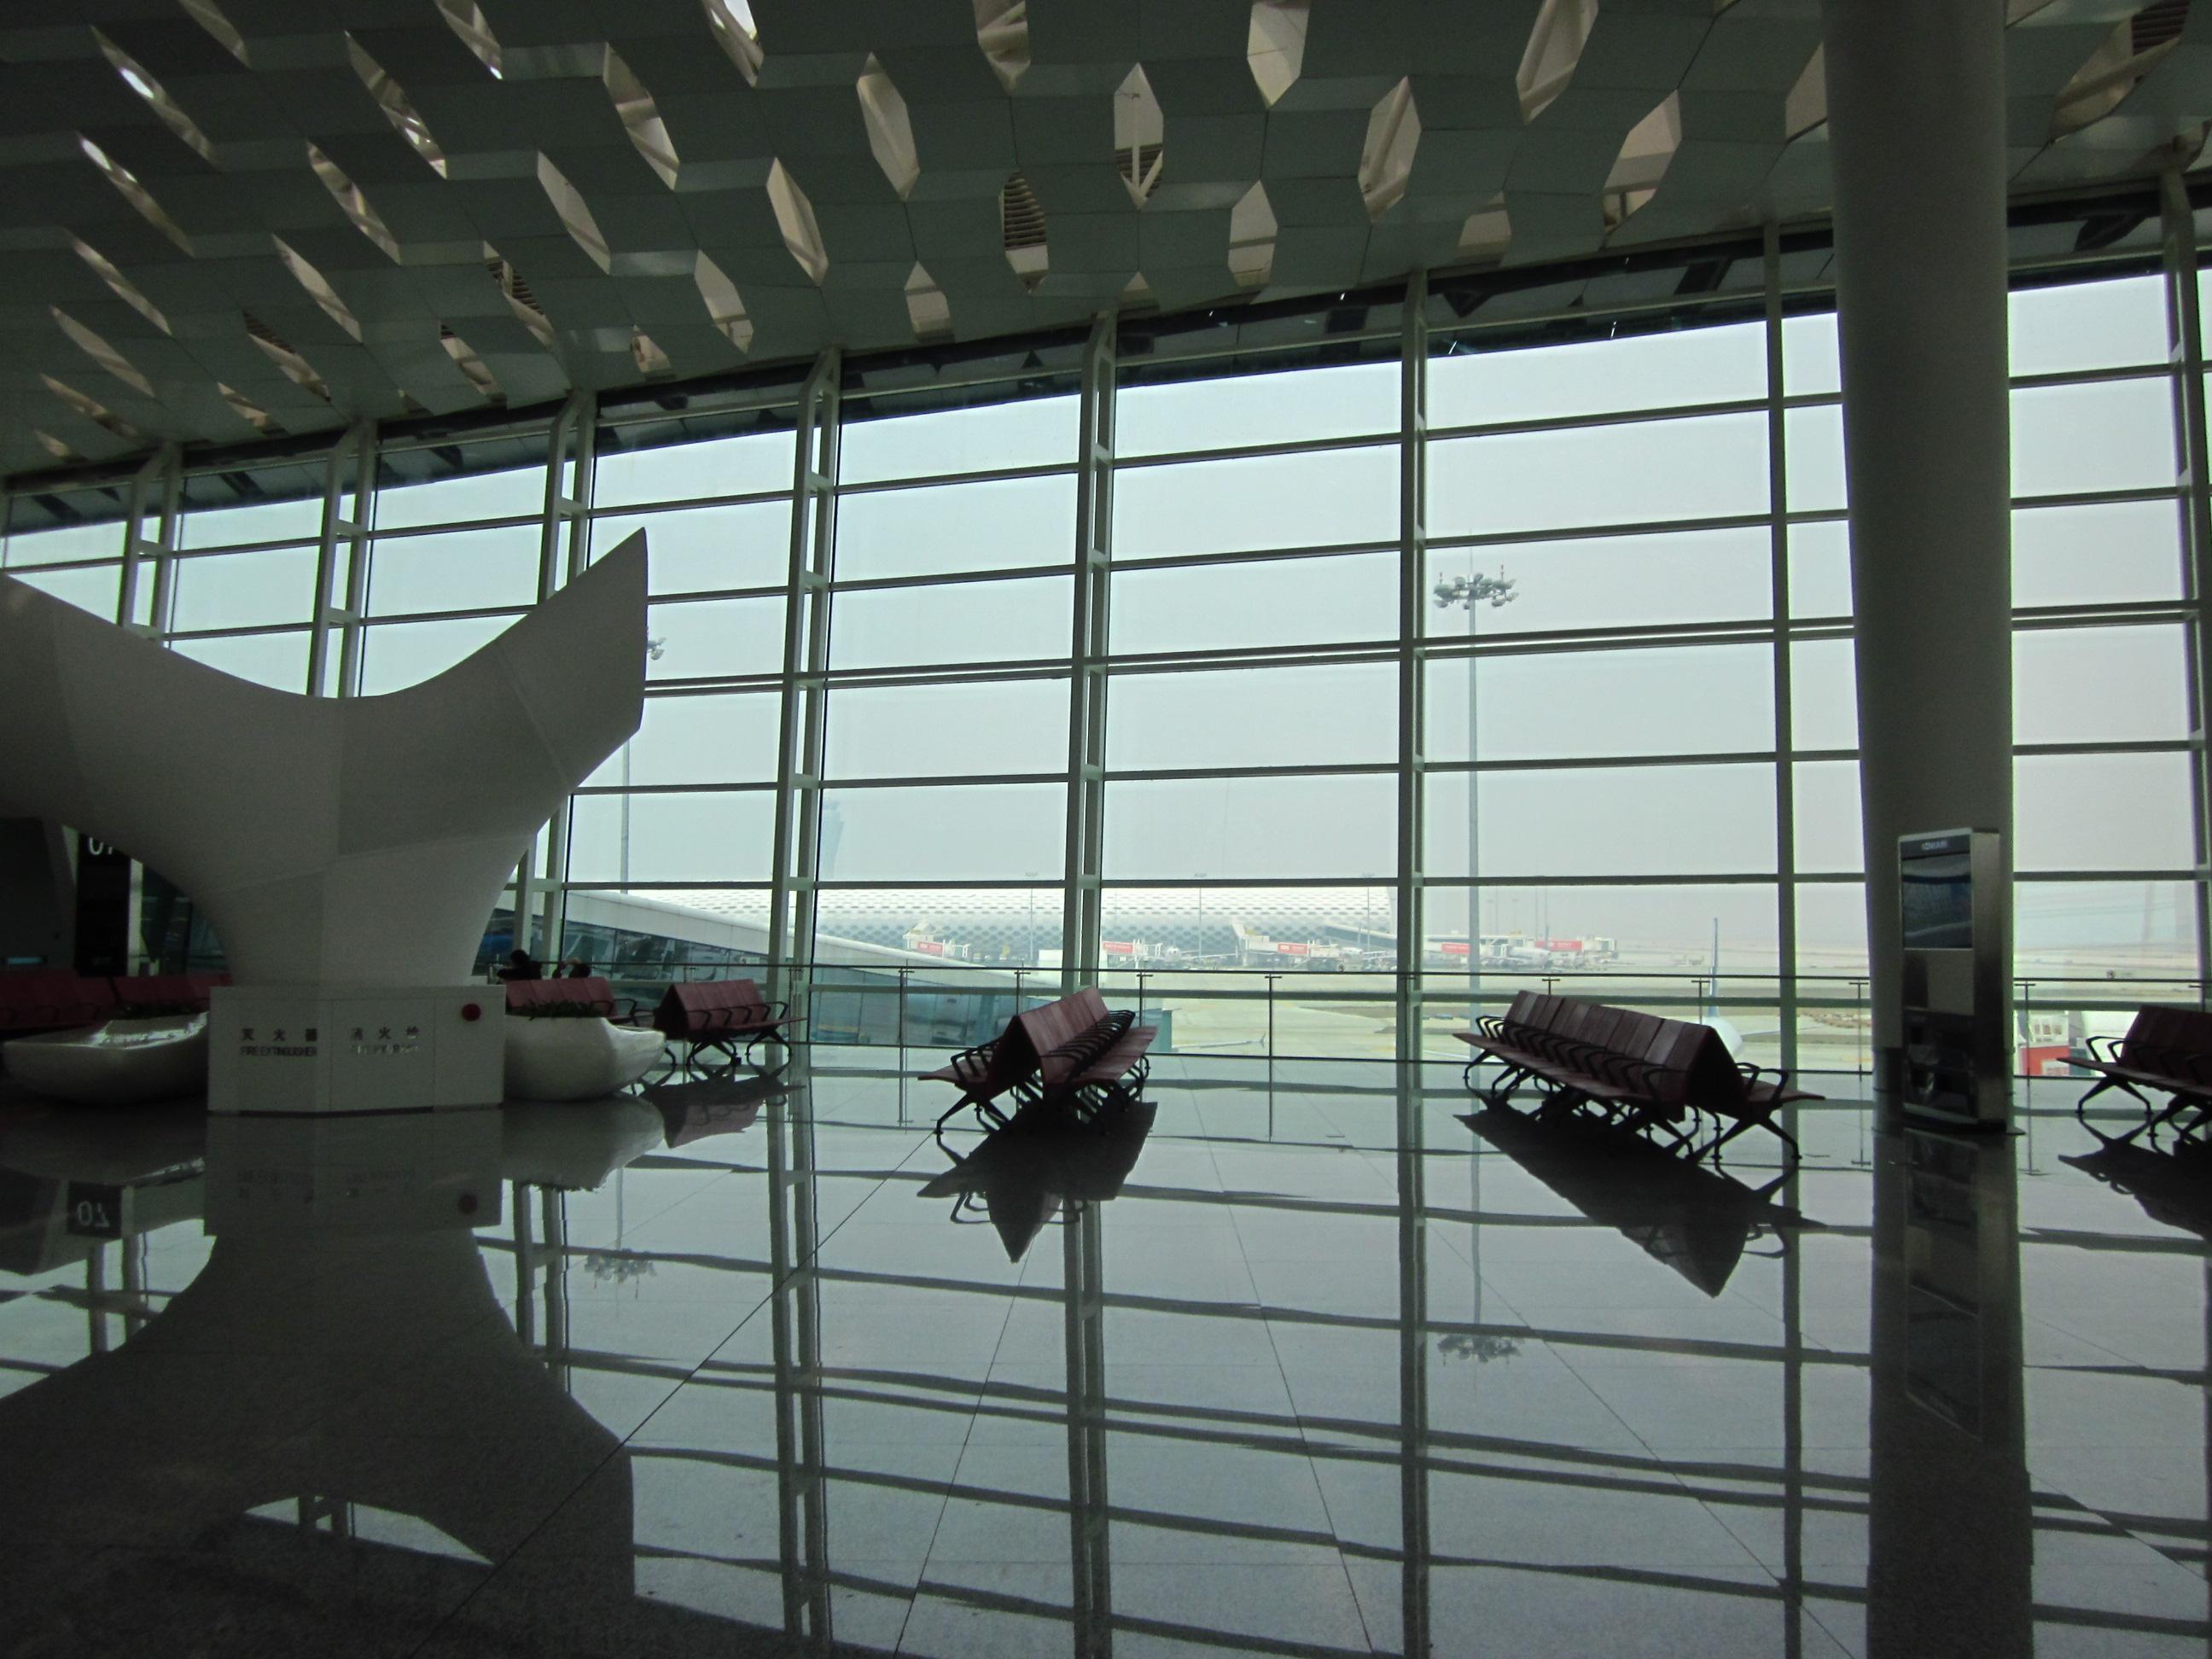 【携程攻略】深圳宝安国际机场怎么样/怎么去,深圳